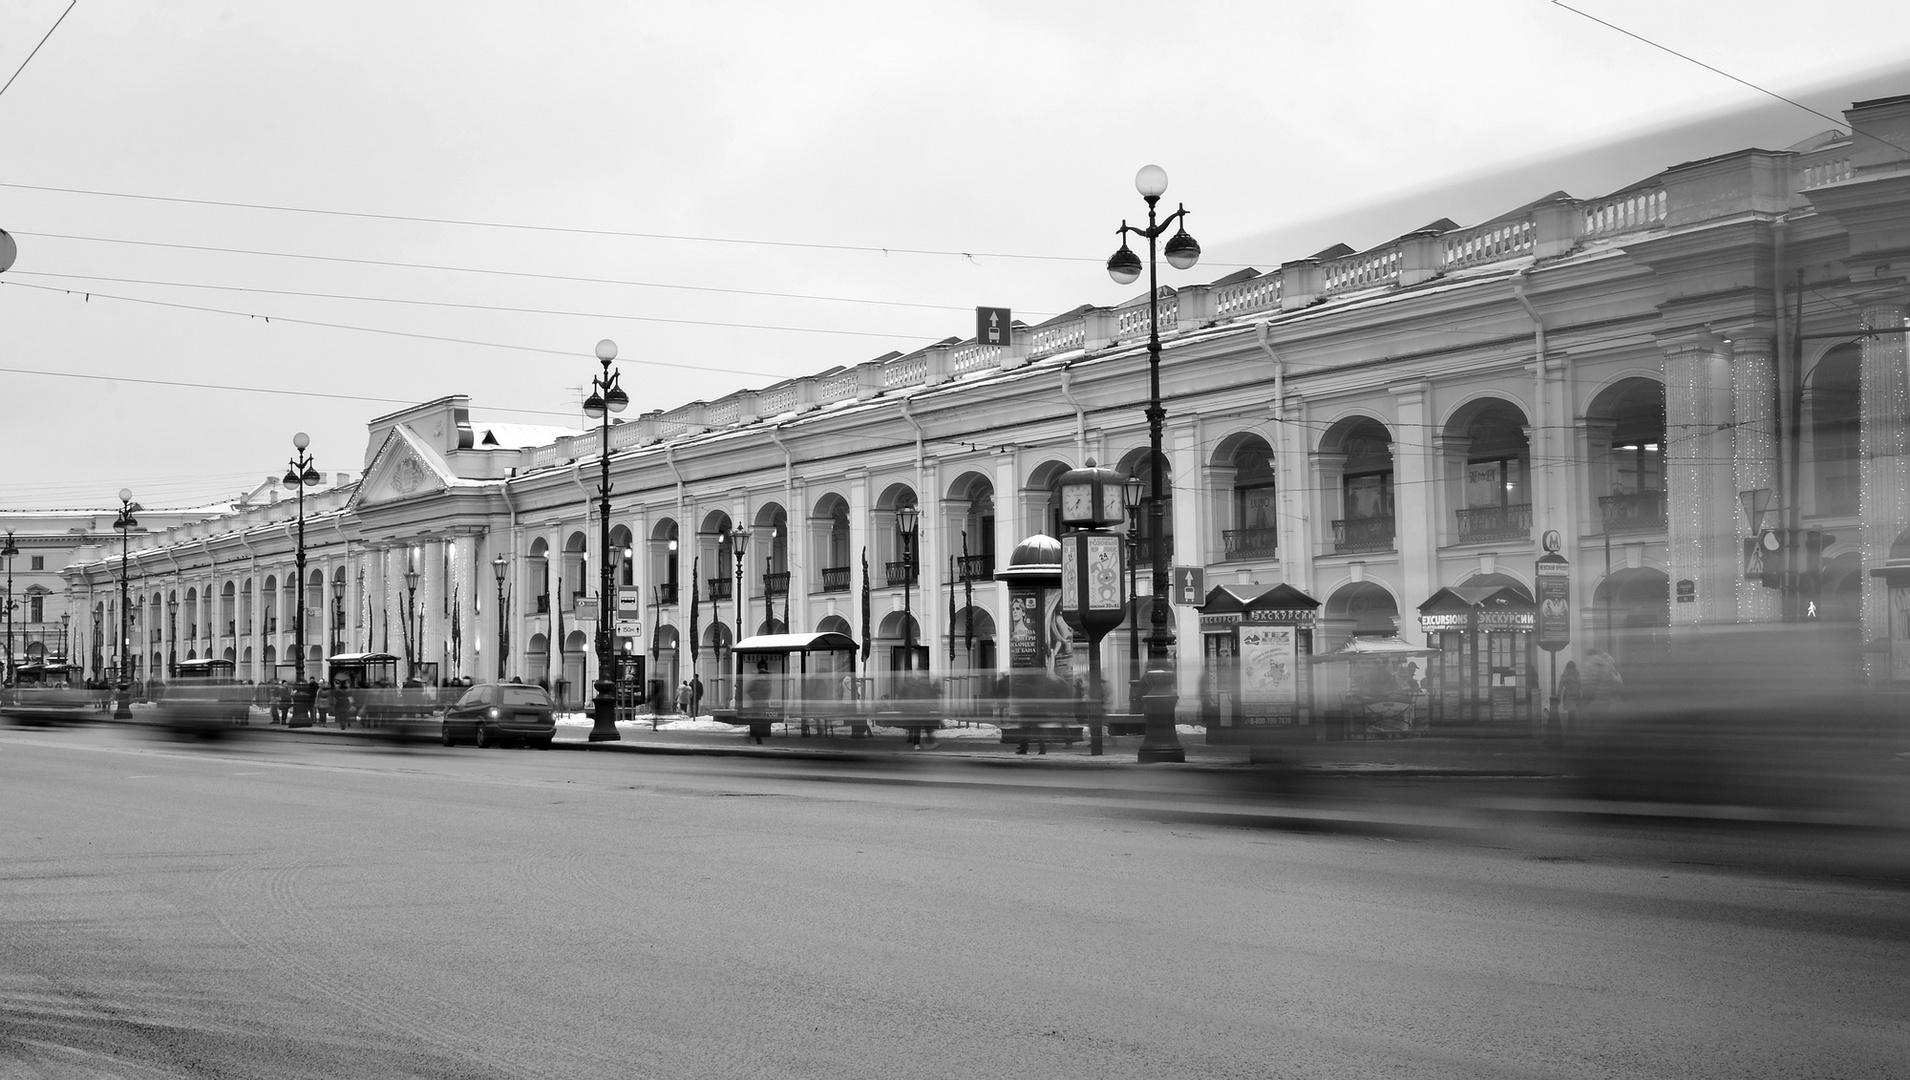 Am Nevsky Prospekt